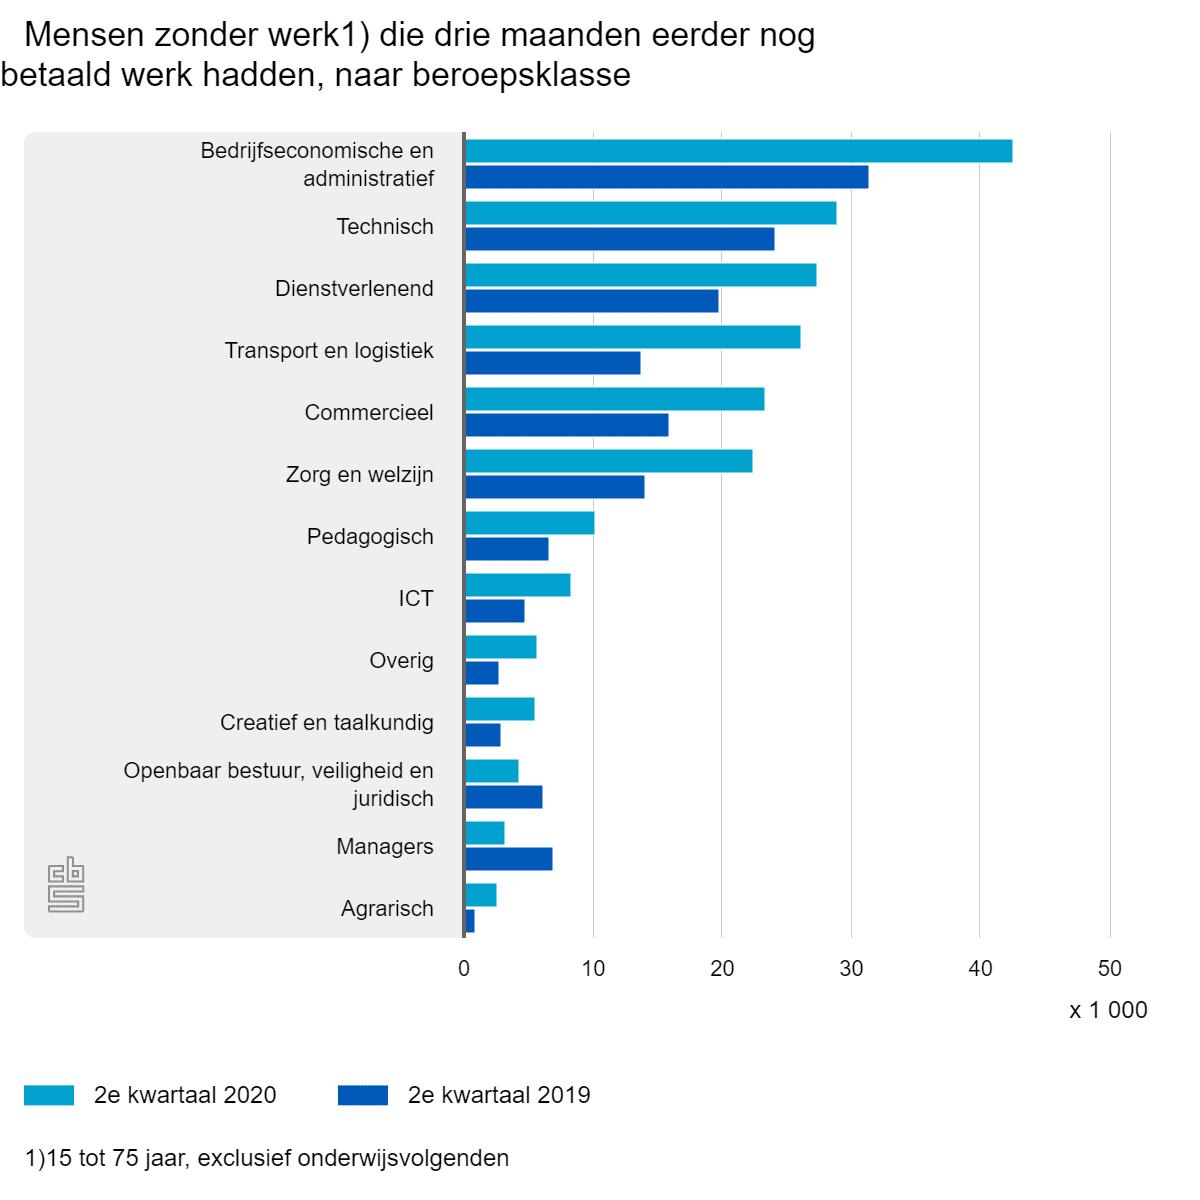 Mensen zonder werk die drie maanden eerder nog betaald werk hadden, naar beroepsklasse